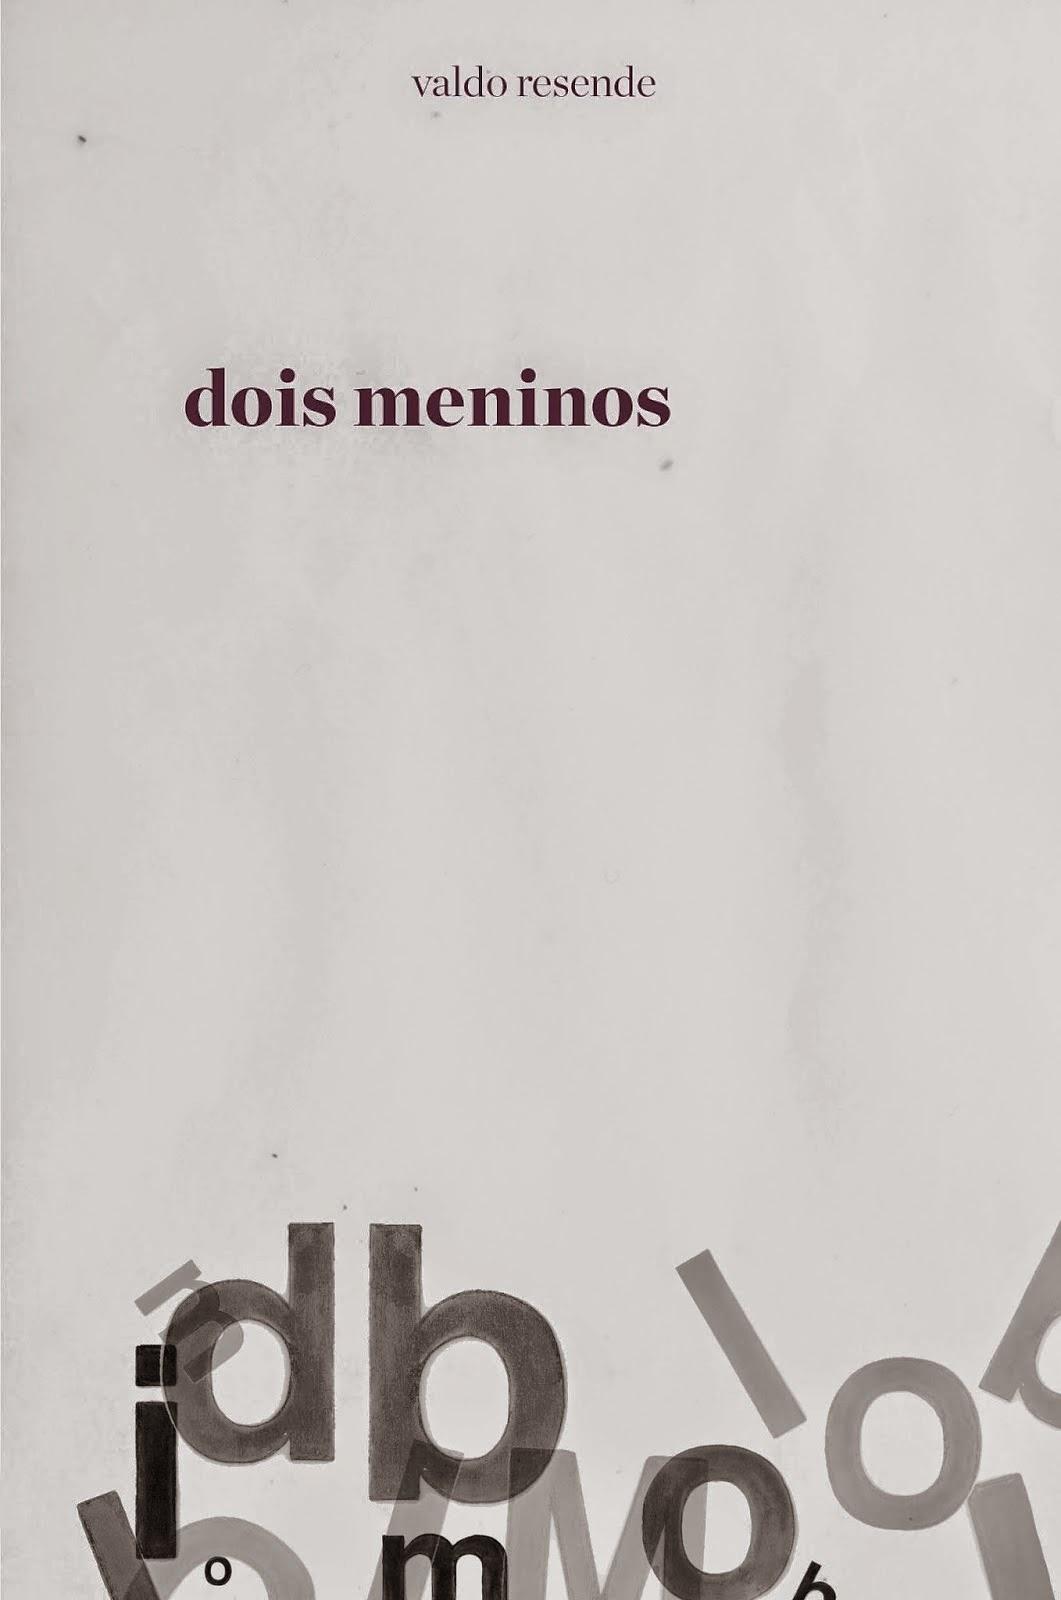 """Por Gisele Santos (@giselando)  O mineiro Valdo Resende, mestre em artes visuais e escritor, lançará o romance de estreia Dois Meninos-Limbo durante tarde de autógrafos, no próximo dia 13 de dezembro, sábado, das 15h30 às 18h30, no Espaço Humanas da Livraria Martins Fontes (Avenida Paulista, 509 - SP/SP).  A primeira publicação da Elipse, Arte e Afins Ltda., tem como cenário a cidade de São Paulo do final do século XX e conta a história de um pintor de origem humilde que, mesmo conhecendo a arte vigente escolhe elaborar uma produção popular, dentro das tradições acadêmicas que elegeram gêneros como a paisagem, o retrato e a natureza-morta como fontes para um trabalho pretensamente artístico, mas que visa fundamentalmente a sobrevivência através da comercialização dos resultados.  Tudo isso convivendo com agitação das noites paulistanas que foram tornando-se perigosas e tensas, vida operária, surgimento da AIDS, as exigências impostas à sociedade, etc. """"Dois Meninos-Limbo celebra a amizade e a solidariedade ante a adversidade, tanto quanto celebra a solidão e o amor. Faço teatro desde quando jovem e, nos anos 80, comecei a ver e a perder amigos com o surgimento da AIDS. Alguns foram abandonados até pelos familiares e só com a ajuda de amigos tiveram  enterro digno. Optei por excluir nome em respeito a muita gente, mas é fato que estou me baseando em fatos que presenciei; alguns mais próximos, outros mais distantes. É esse testemunhar a história que facilitou criar uma história. Além do mais, escrever o texto sem nominar personagens foi um exercício e tanto. Há também uma proposta de leitura diferenciada, com ajuda da diagramação, que é do Estação Design. Há uma síntese da história contada em negrito, que facilitará o leitor a retomar a leitura ou então a relembrar todo o enredo mesmo com muito tempo após ter lido"""", conta o autor.  Valdo explica que o nome """"dois meninos"""" foi escolhido, pois são anôminos: """"Em todo o romance não há nomes para as personagens. São pessoas"""